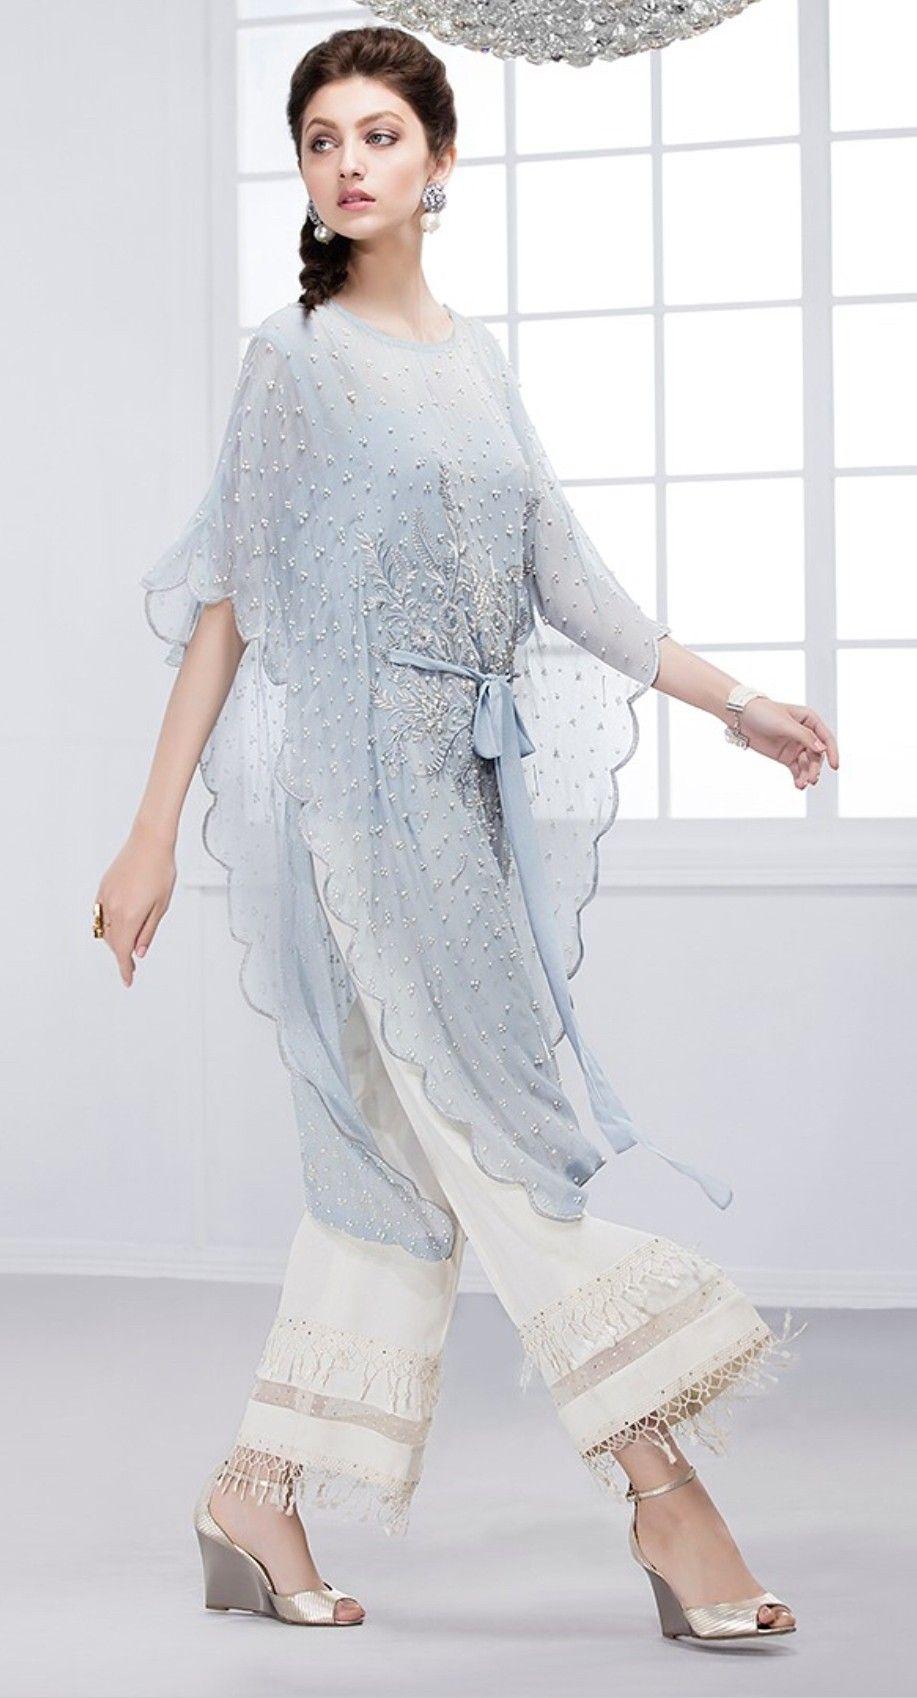 Pin de María Mesa en moda | Pinterest | Vestidos hindues, Túnicas y ...